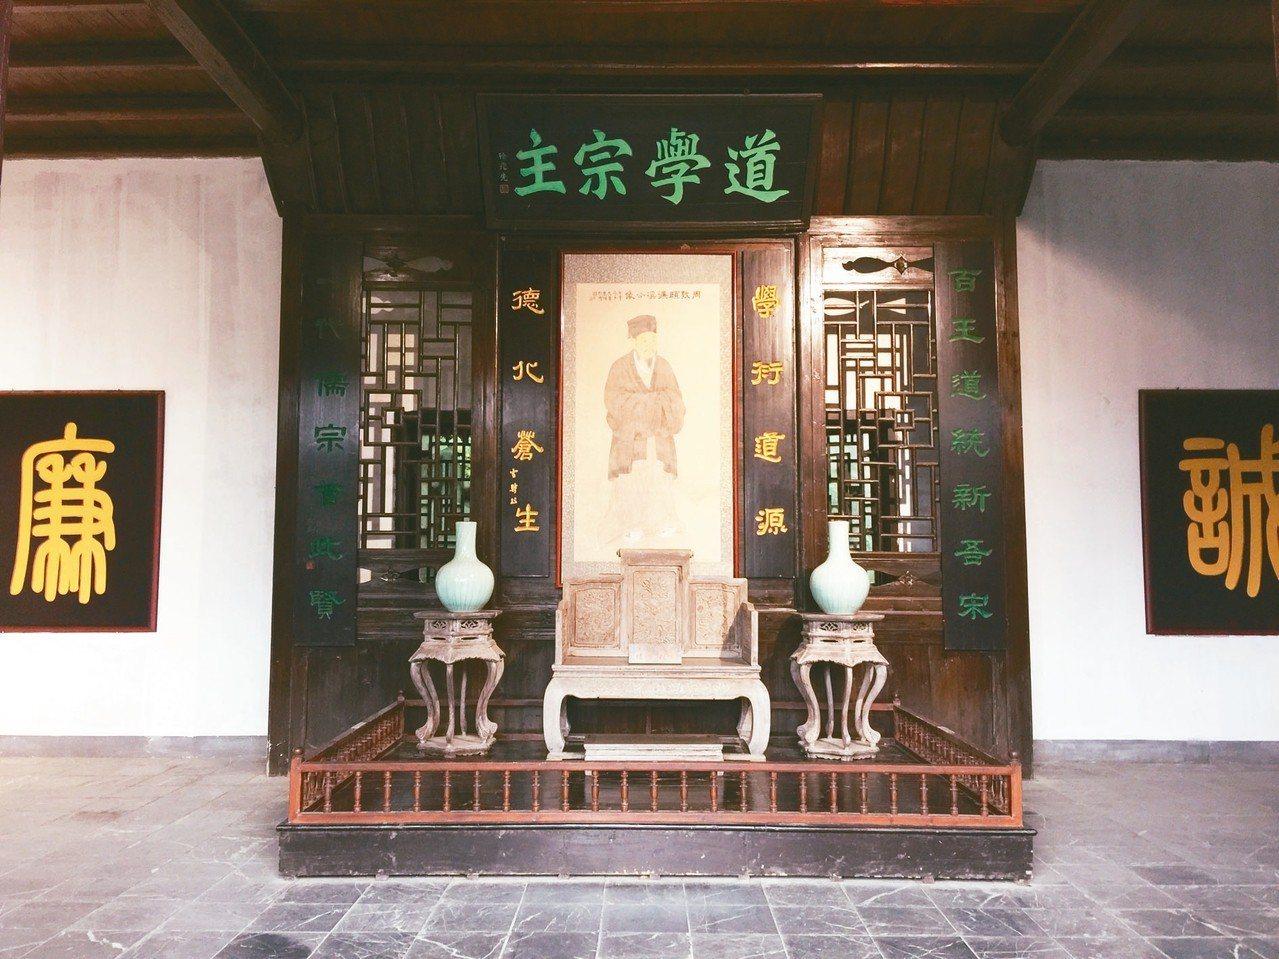 濂溪書院正堂,設有「道學宗主」座位。 記者汪莉絹/攝影